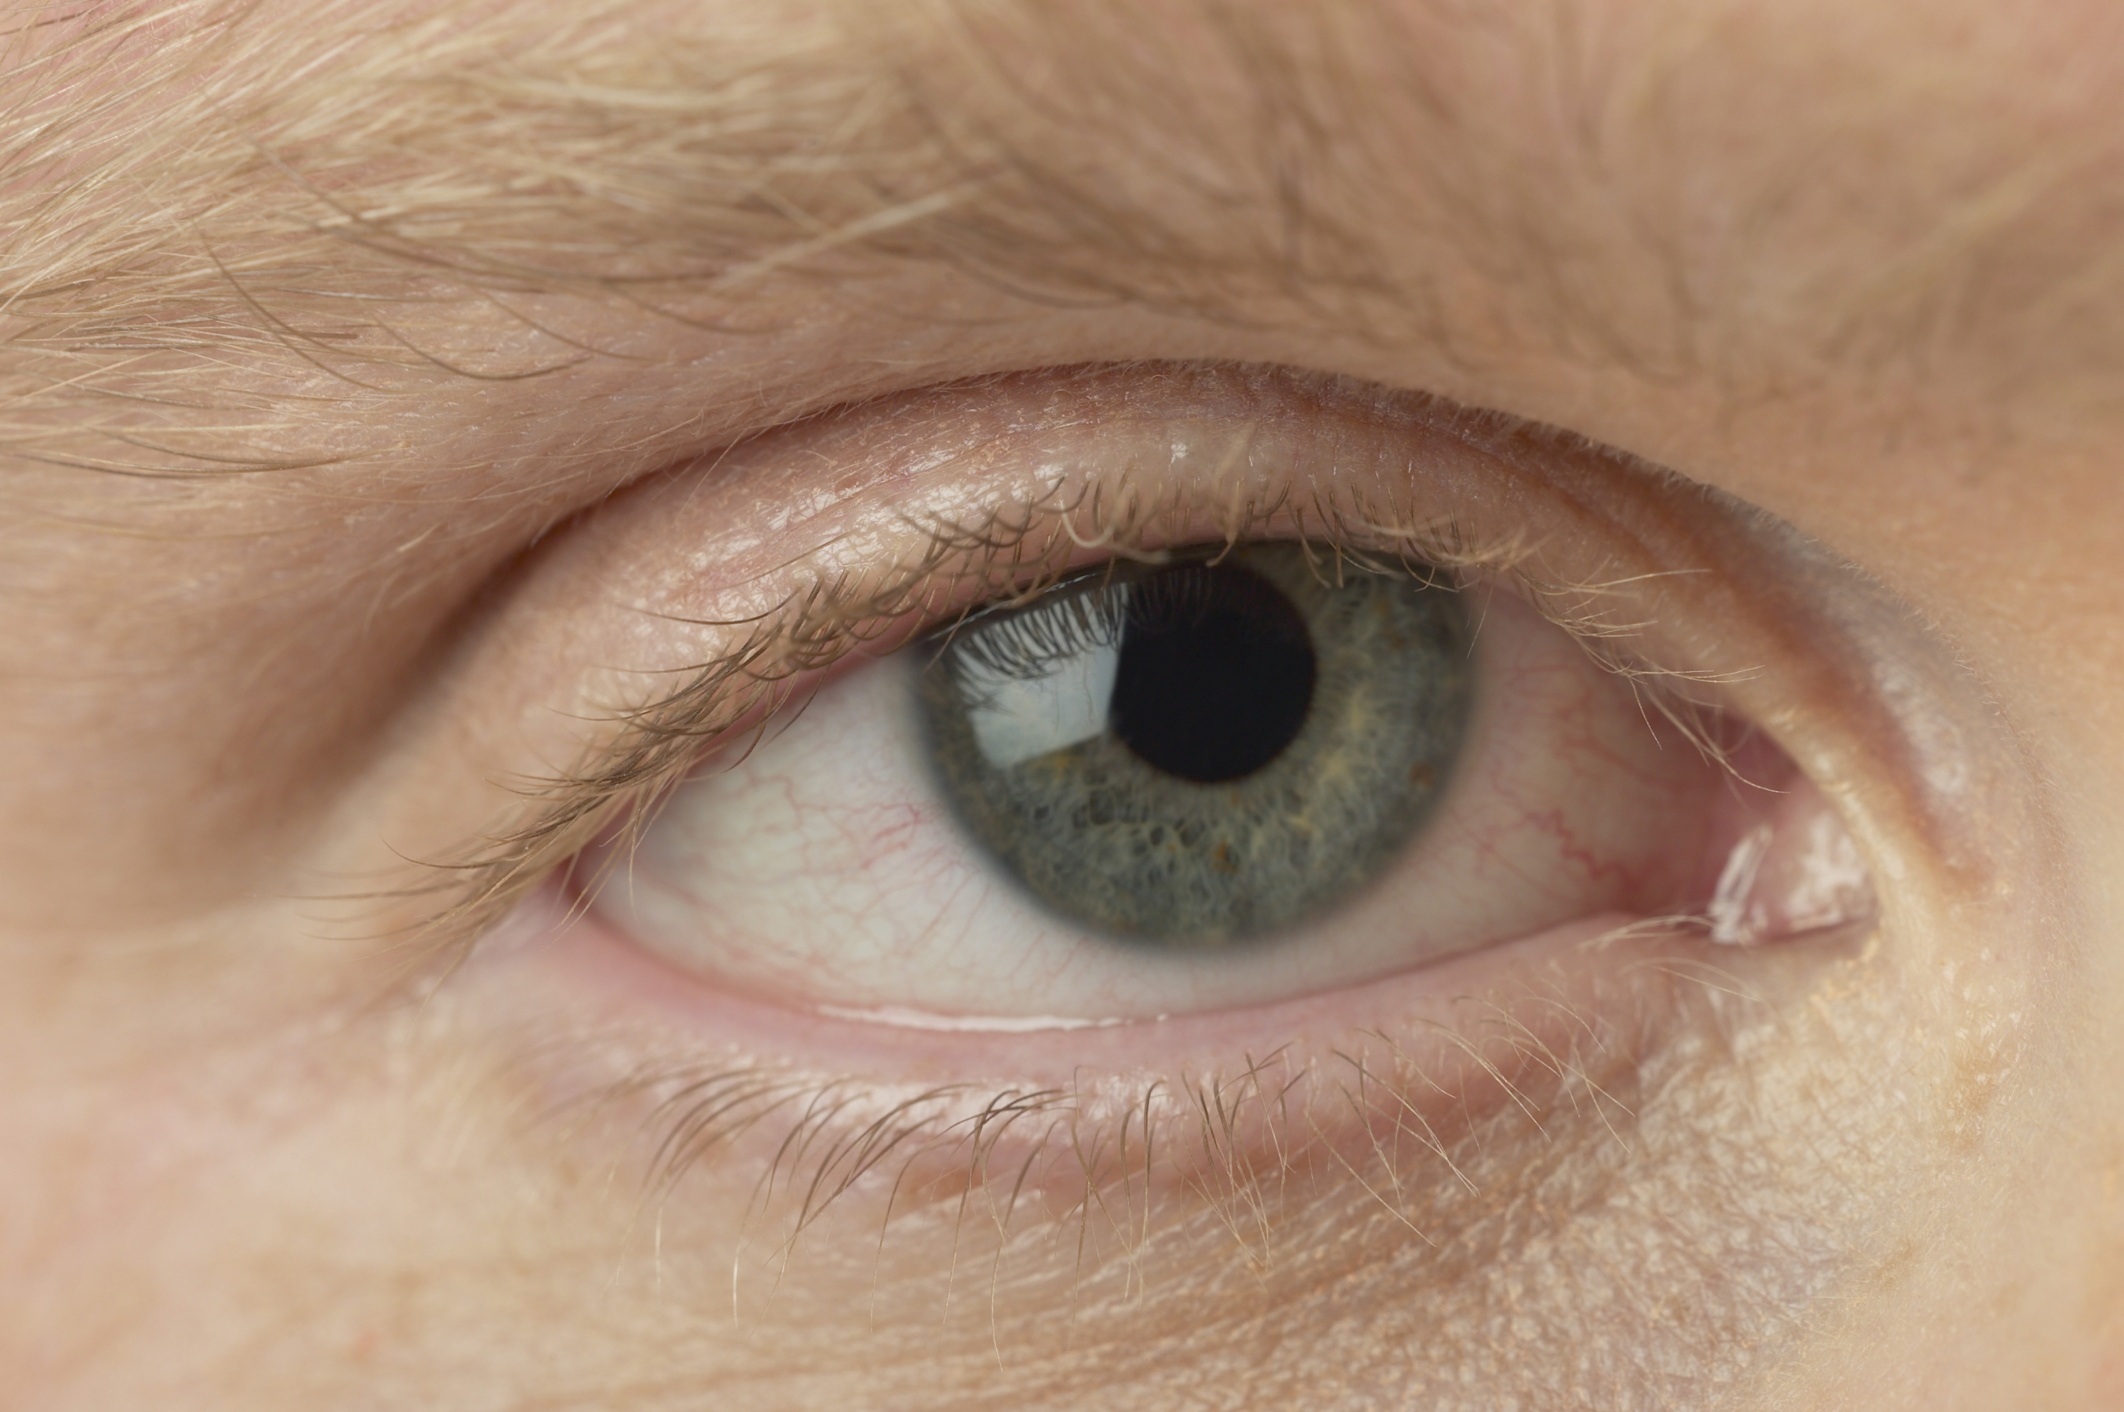 papilloma virusi haqida invazie helmint, cum să se identifice